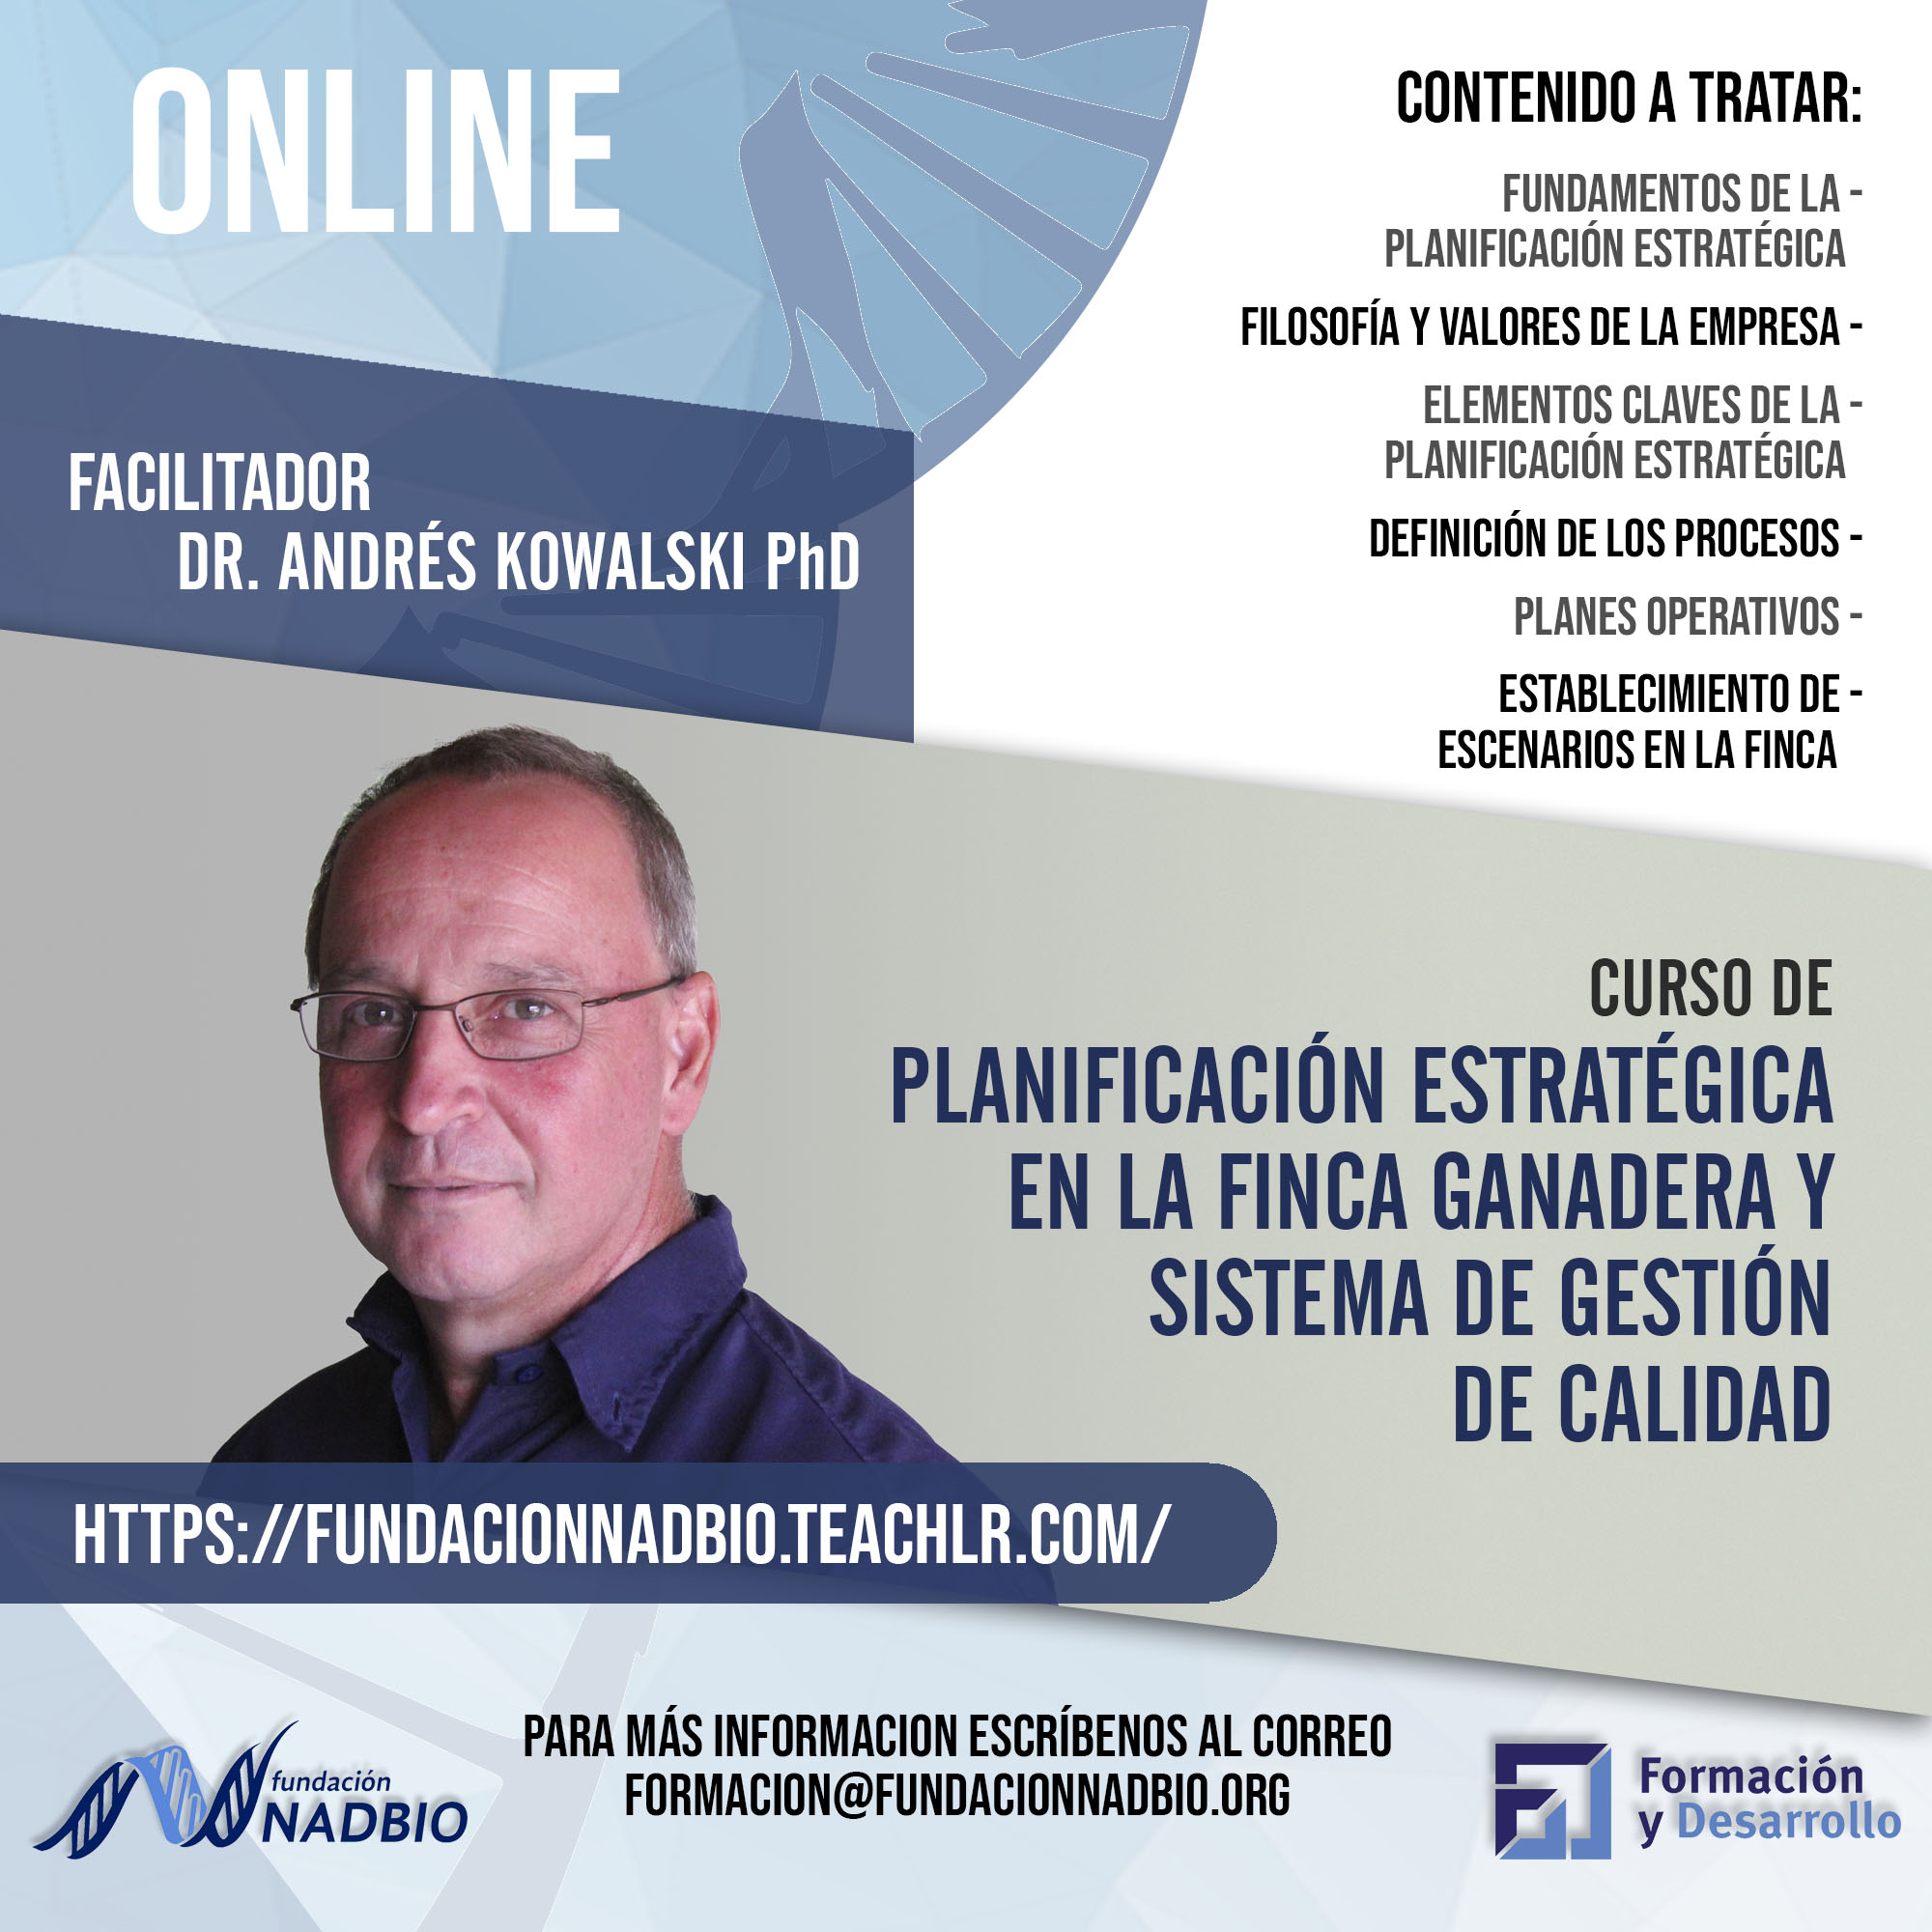 PLANIFICACION ESTRATEGICA EN LA FINCA GANADERA Y SISTEMA DE GESTION DE CALIDAD